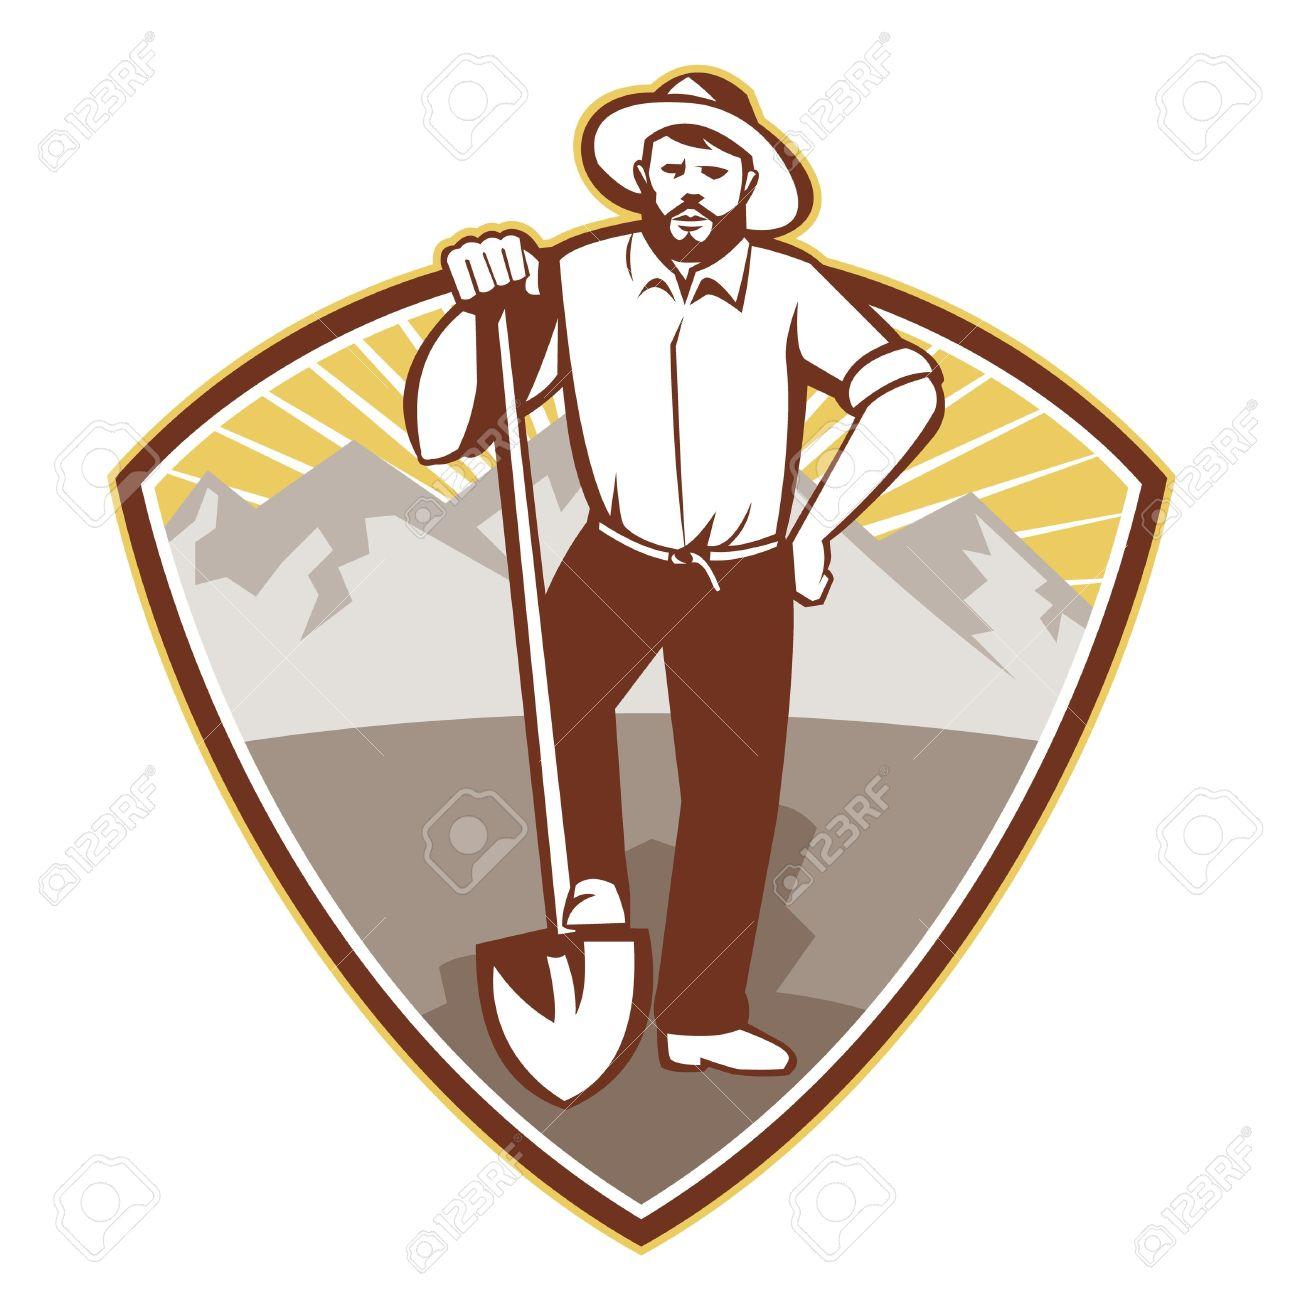 Illustration Of A Gold Digger Miner Prospector With Shovel Spade.